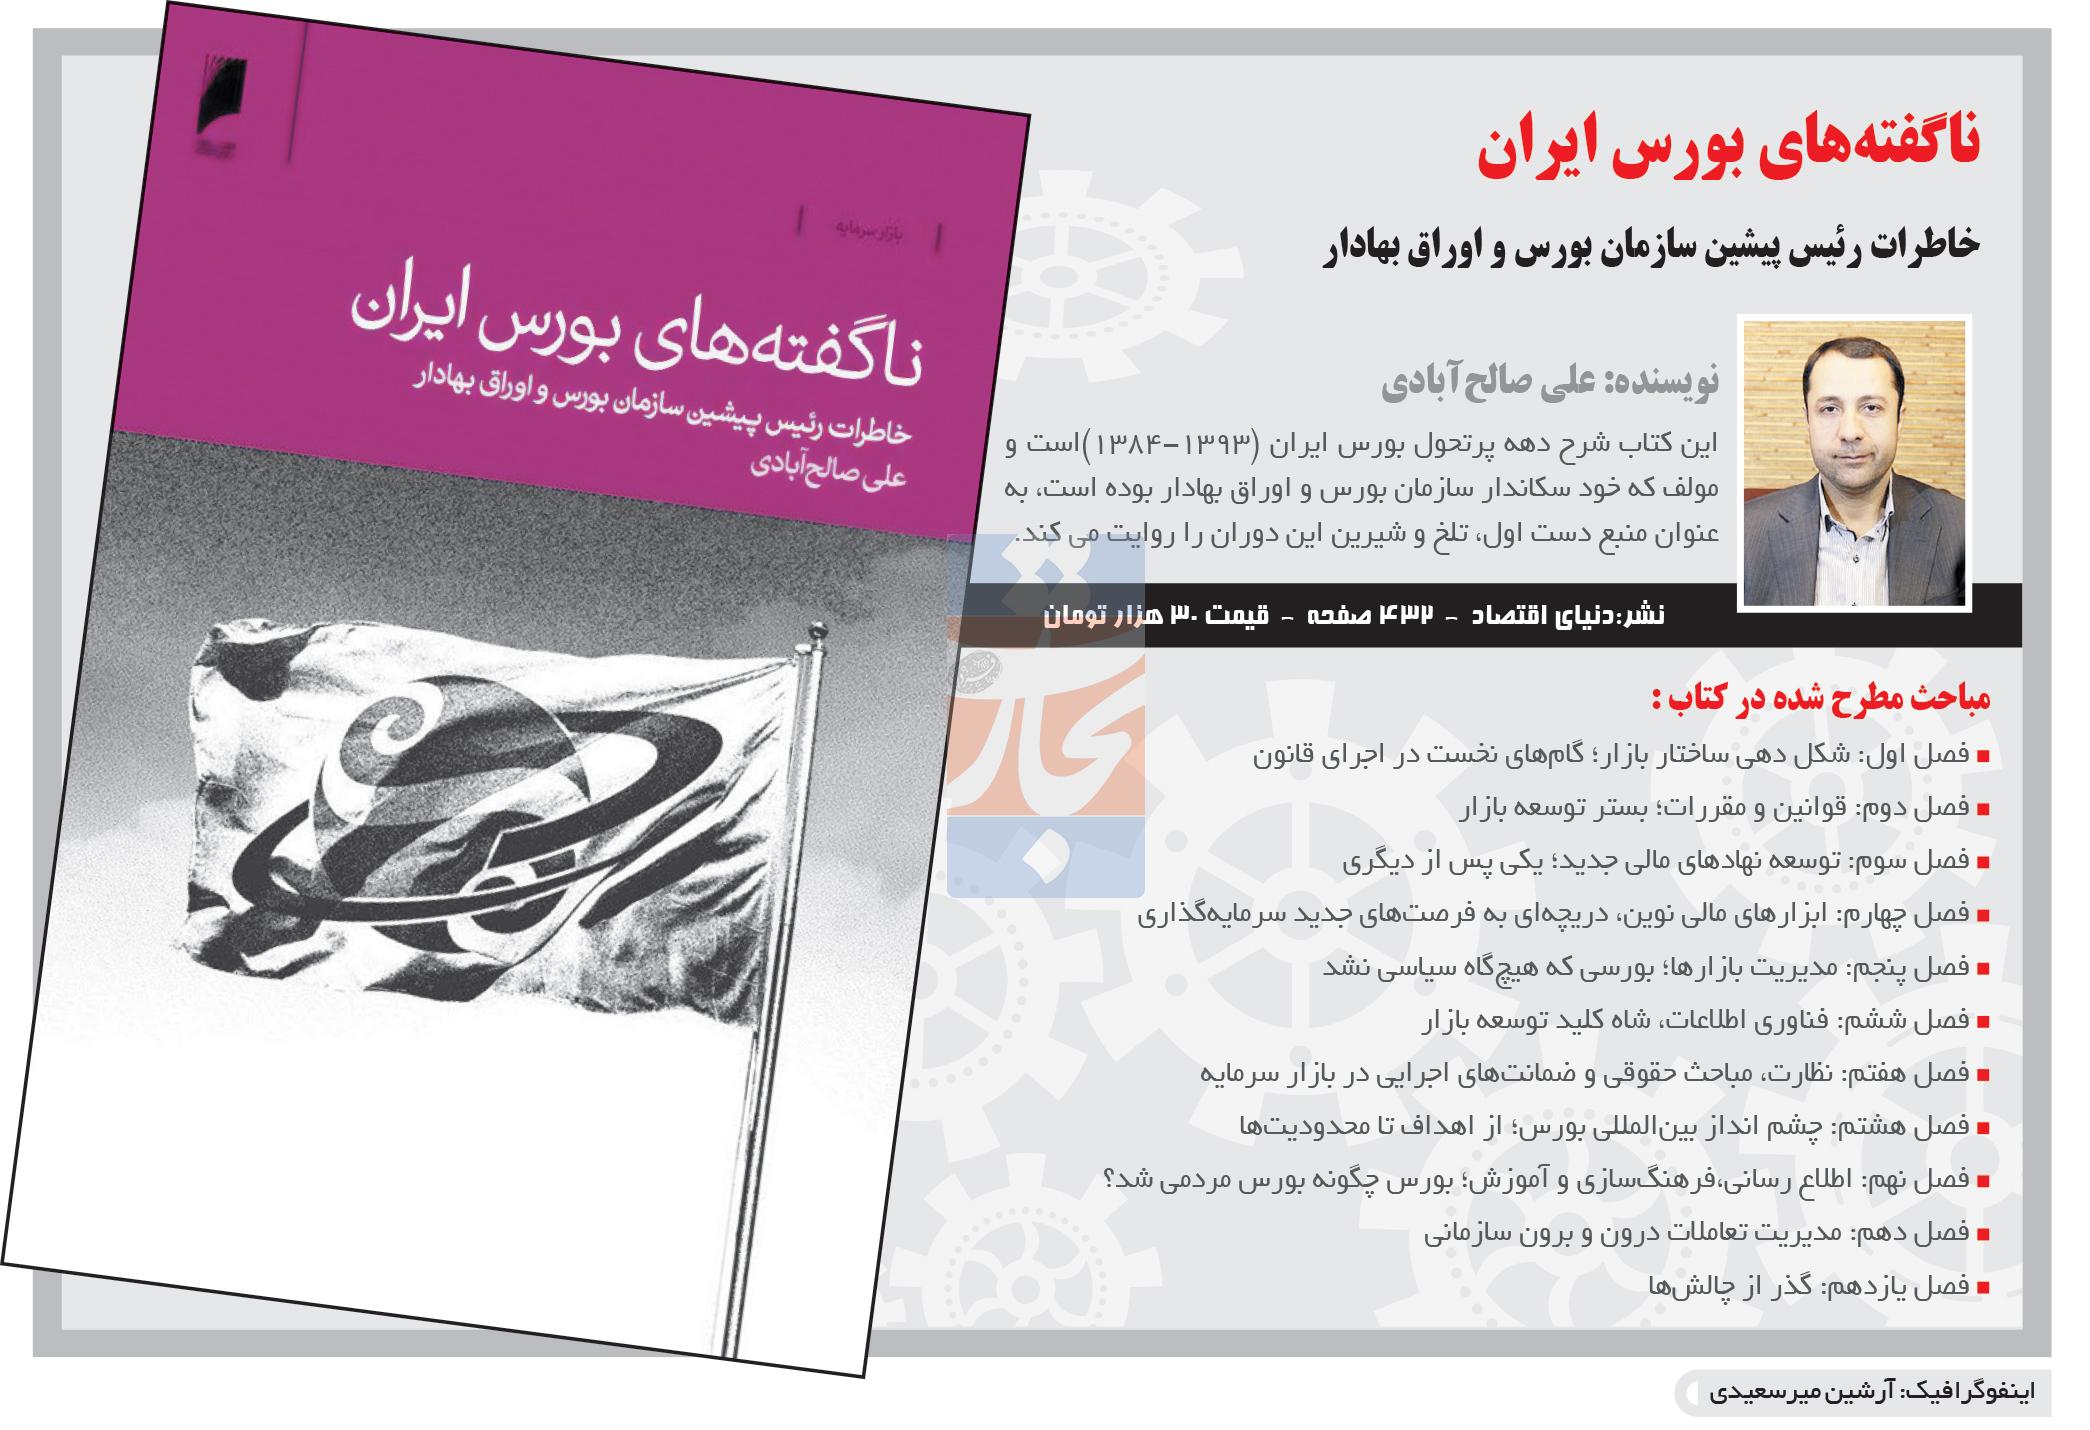 تجارت- فردا- ناگفتههای بورس ایران(اینفوگرافیک)